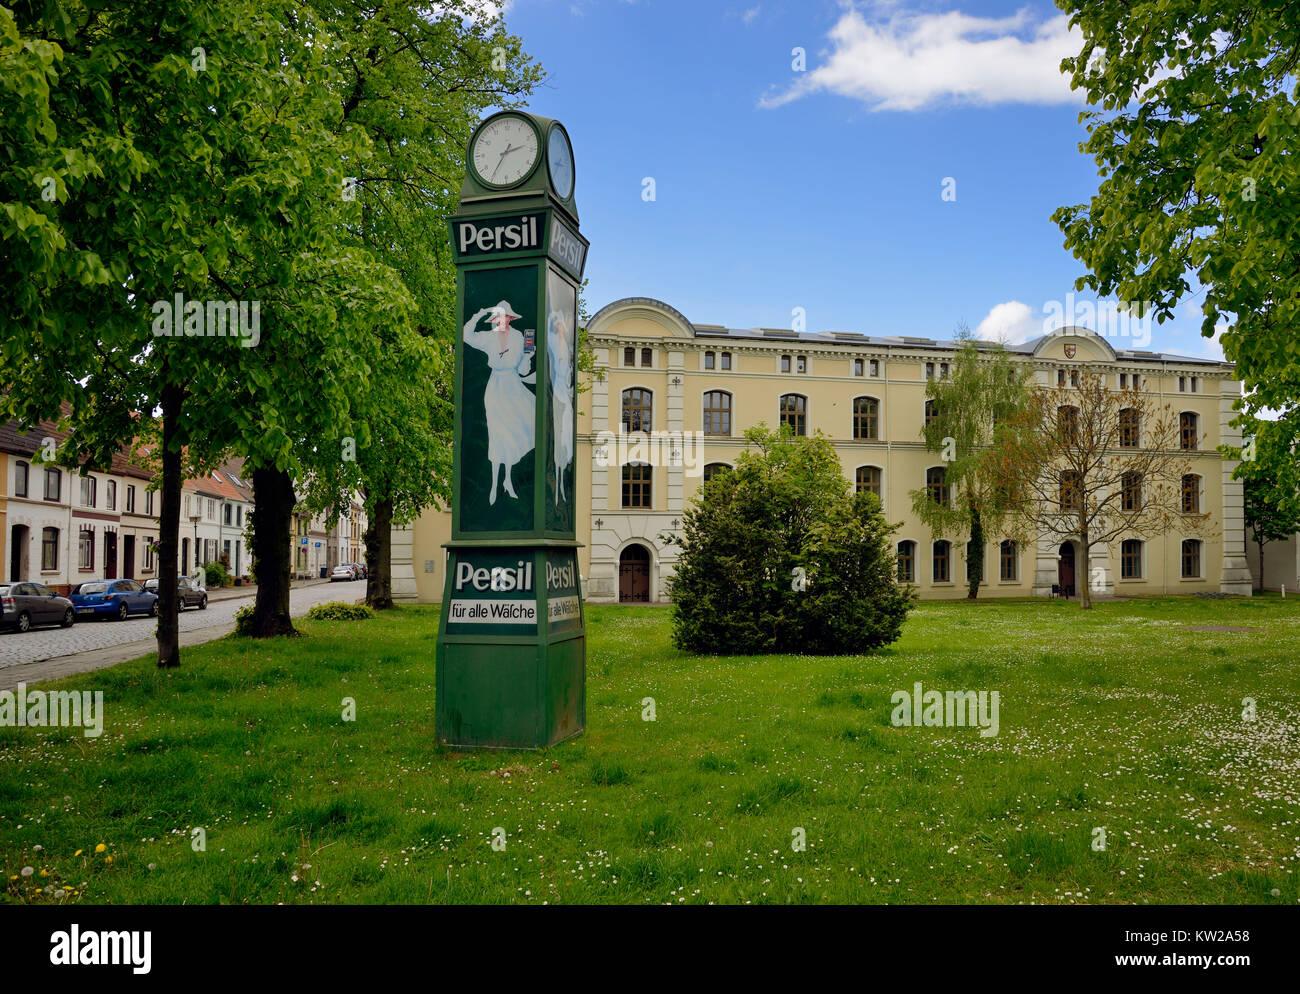 Wismar, Persiluhr and Royal Swedish provision house in M?hlenstrasse, Persiluhr und Königlich Schwedisches - Stock Image